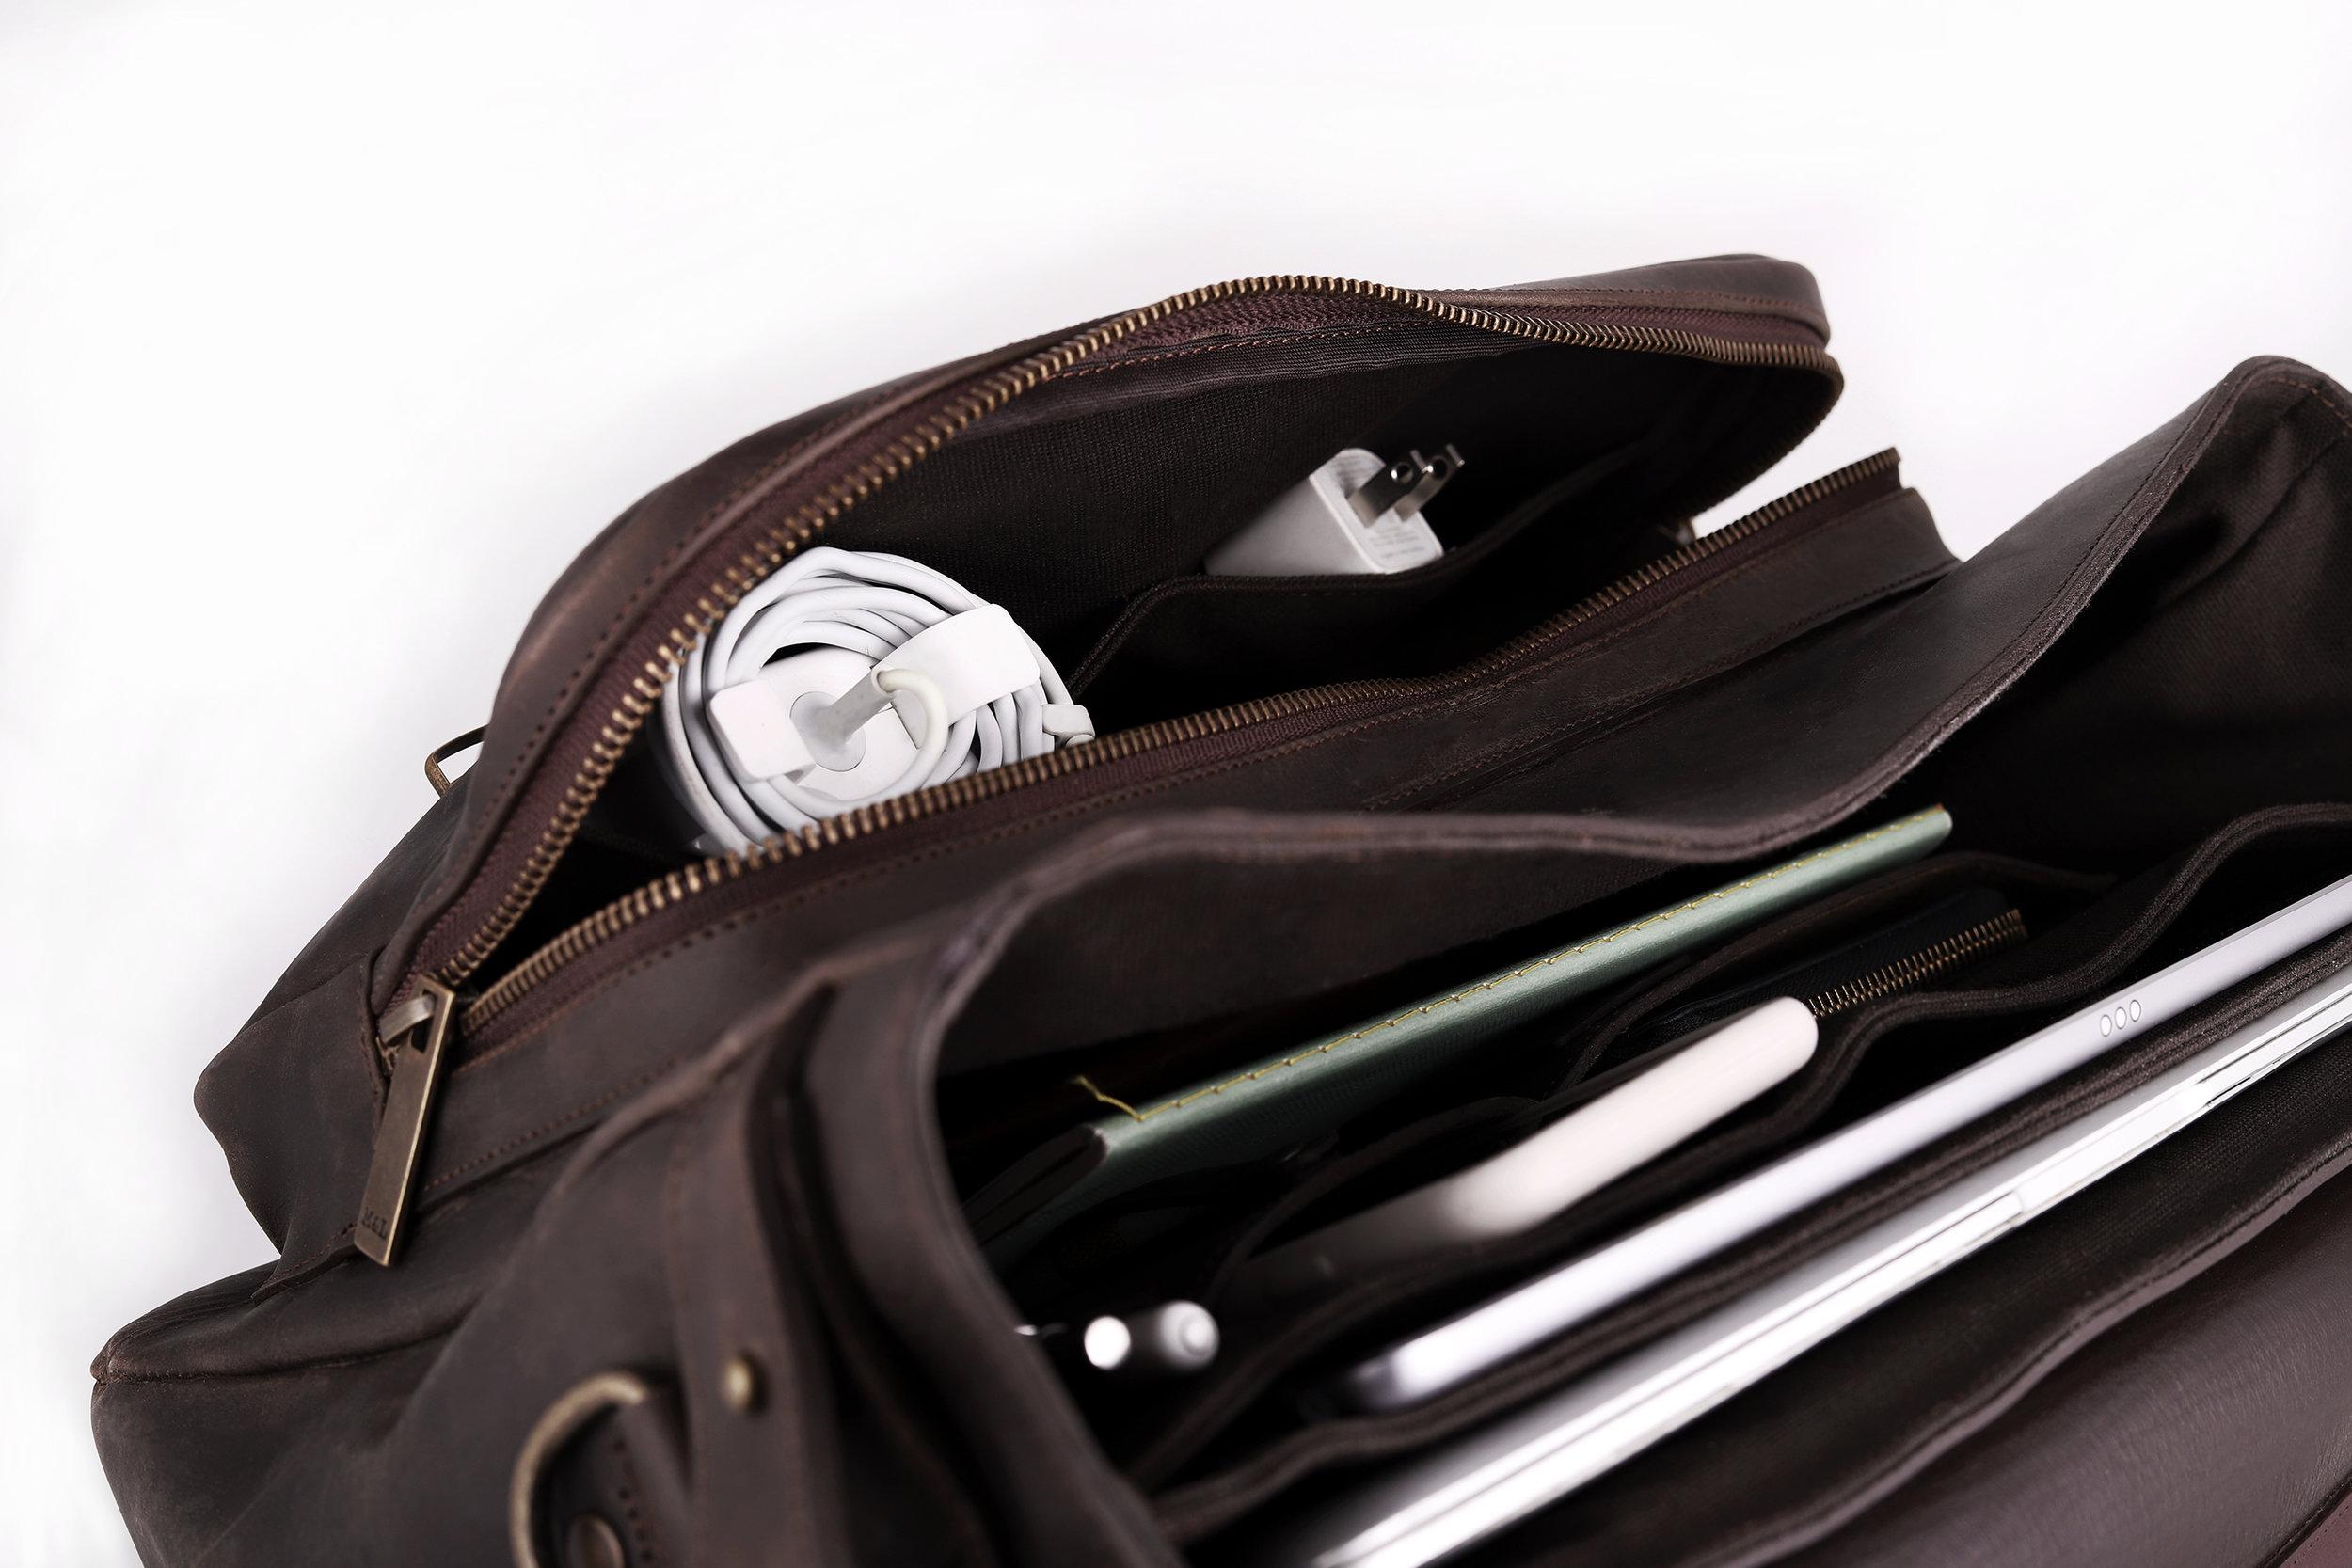 amplitud  los grandes espacios de almacenamiento de esta messenger bag se aprovechan a lo largo, alto y ancho. podrás encontrar espacio para todo lo que requieras, y al mismo tiempo una excelente organización.